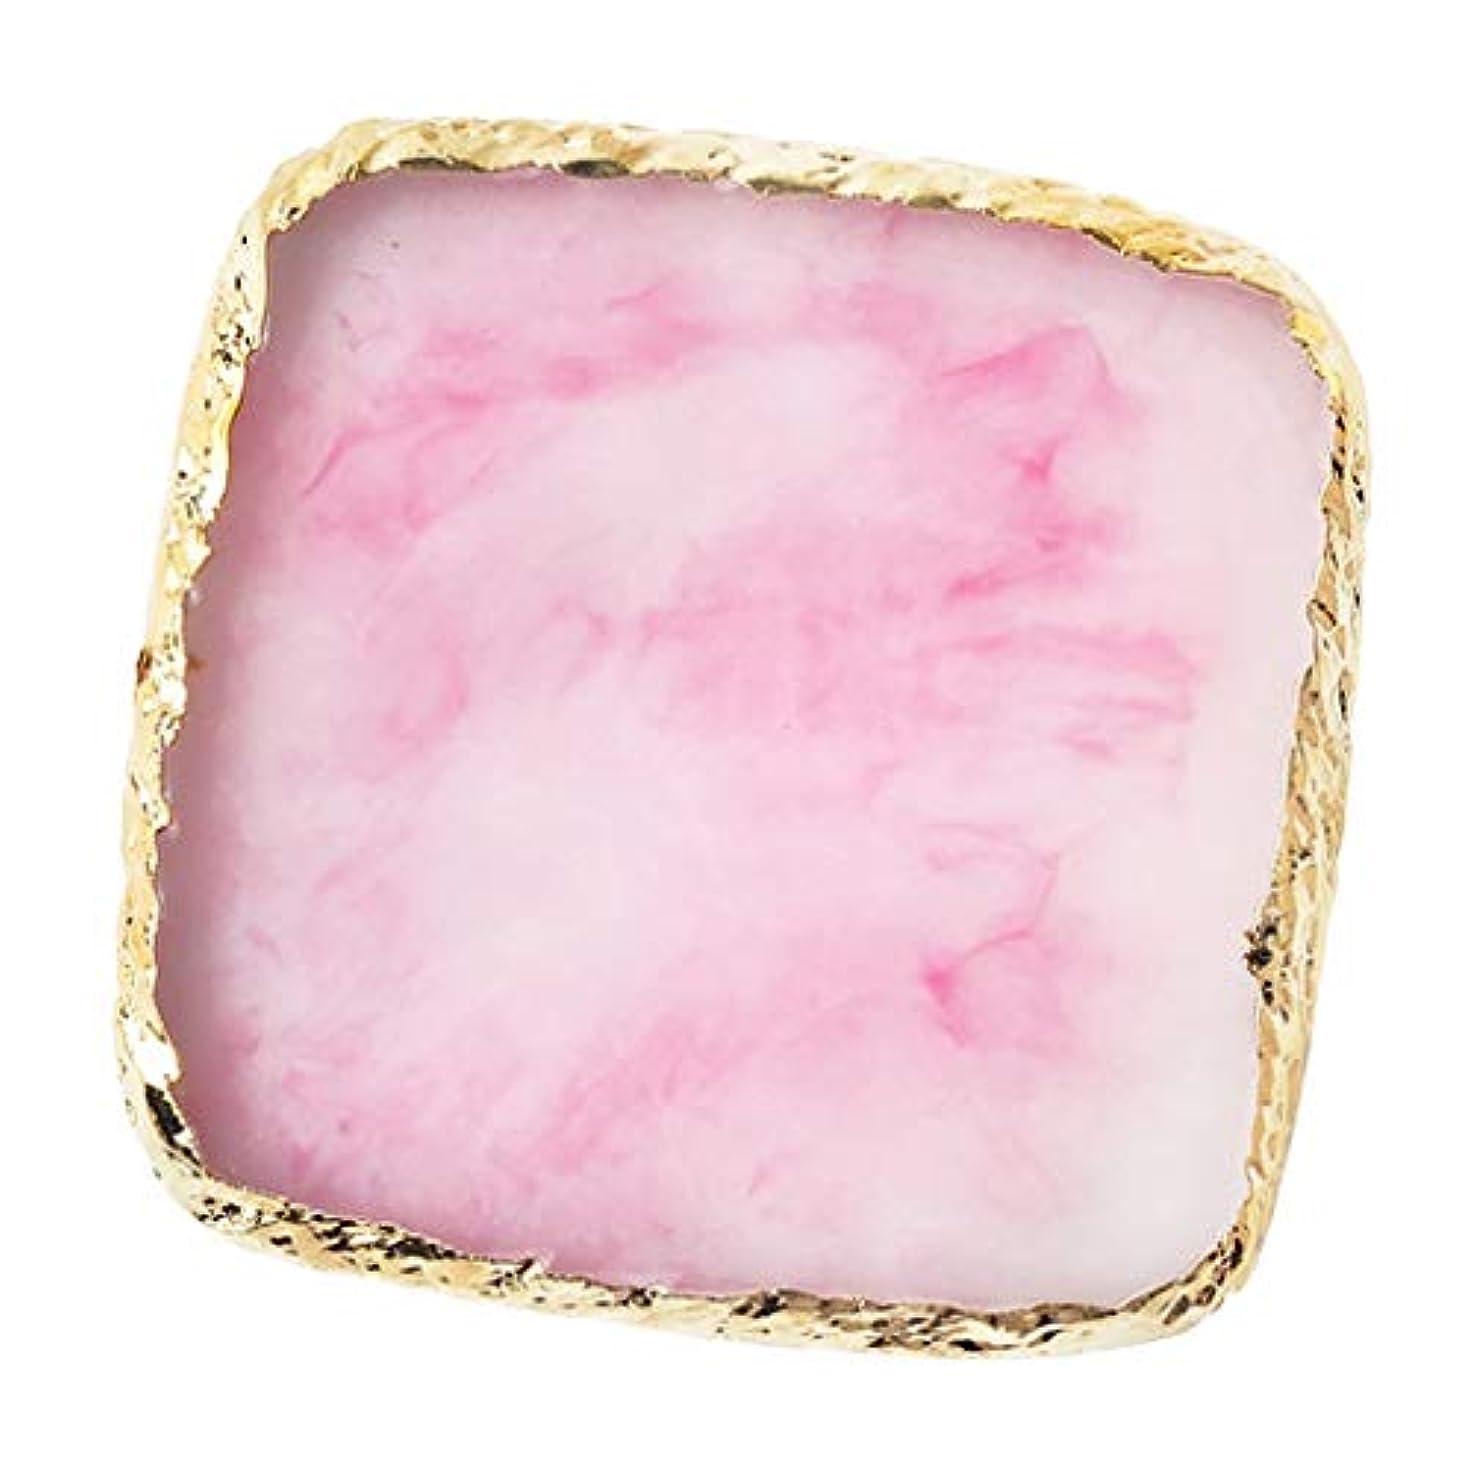 温度二週間チートIPOTCH ネイルアート カラーブレンド ミキシングパレット 樹脂製 6色選べ - ピンク